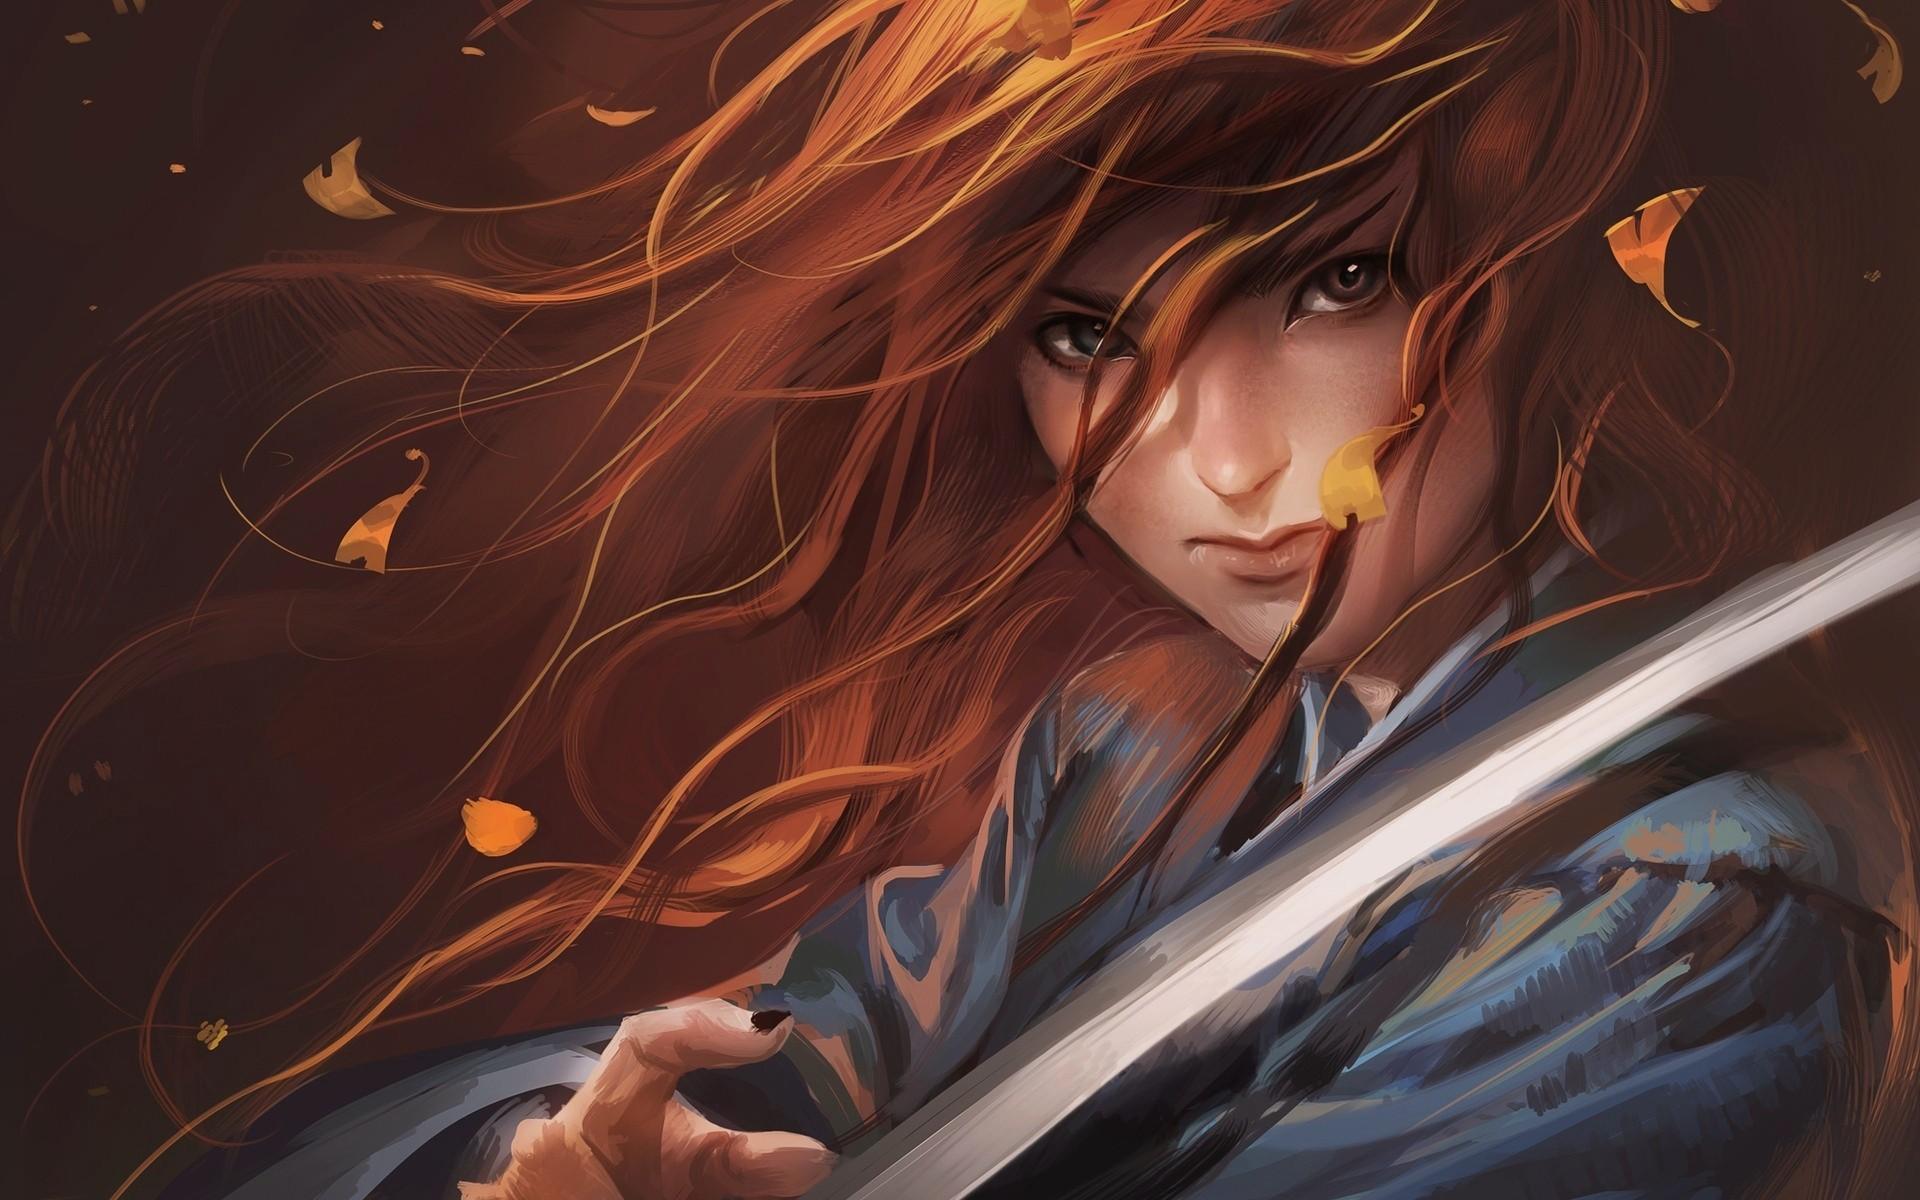 Rurouni Kenshin 1080p